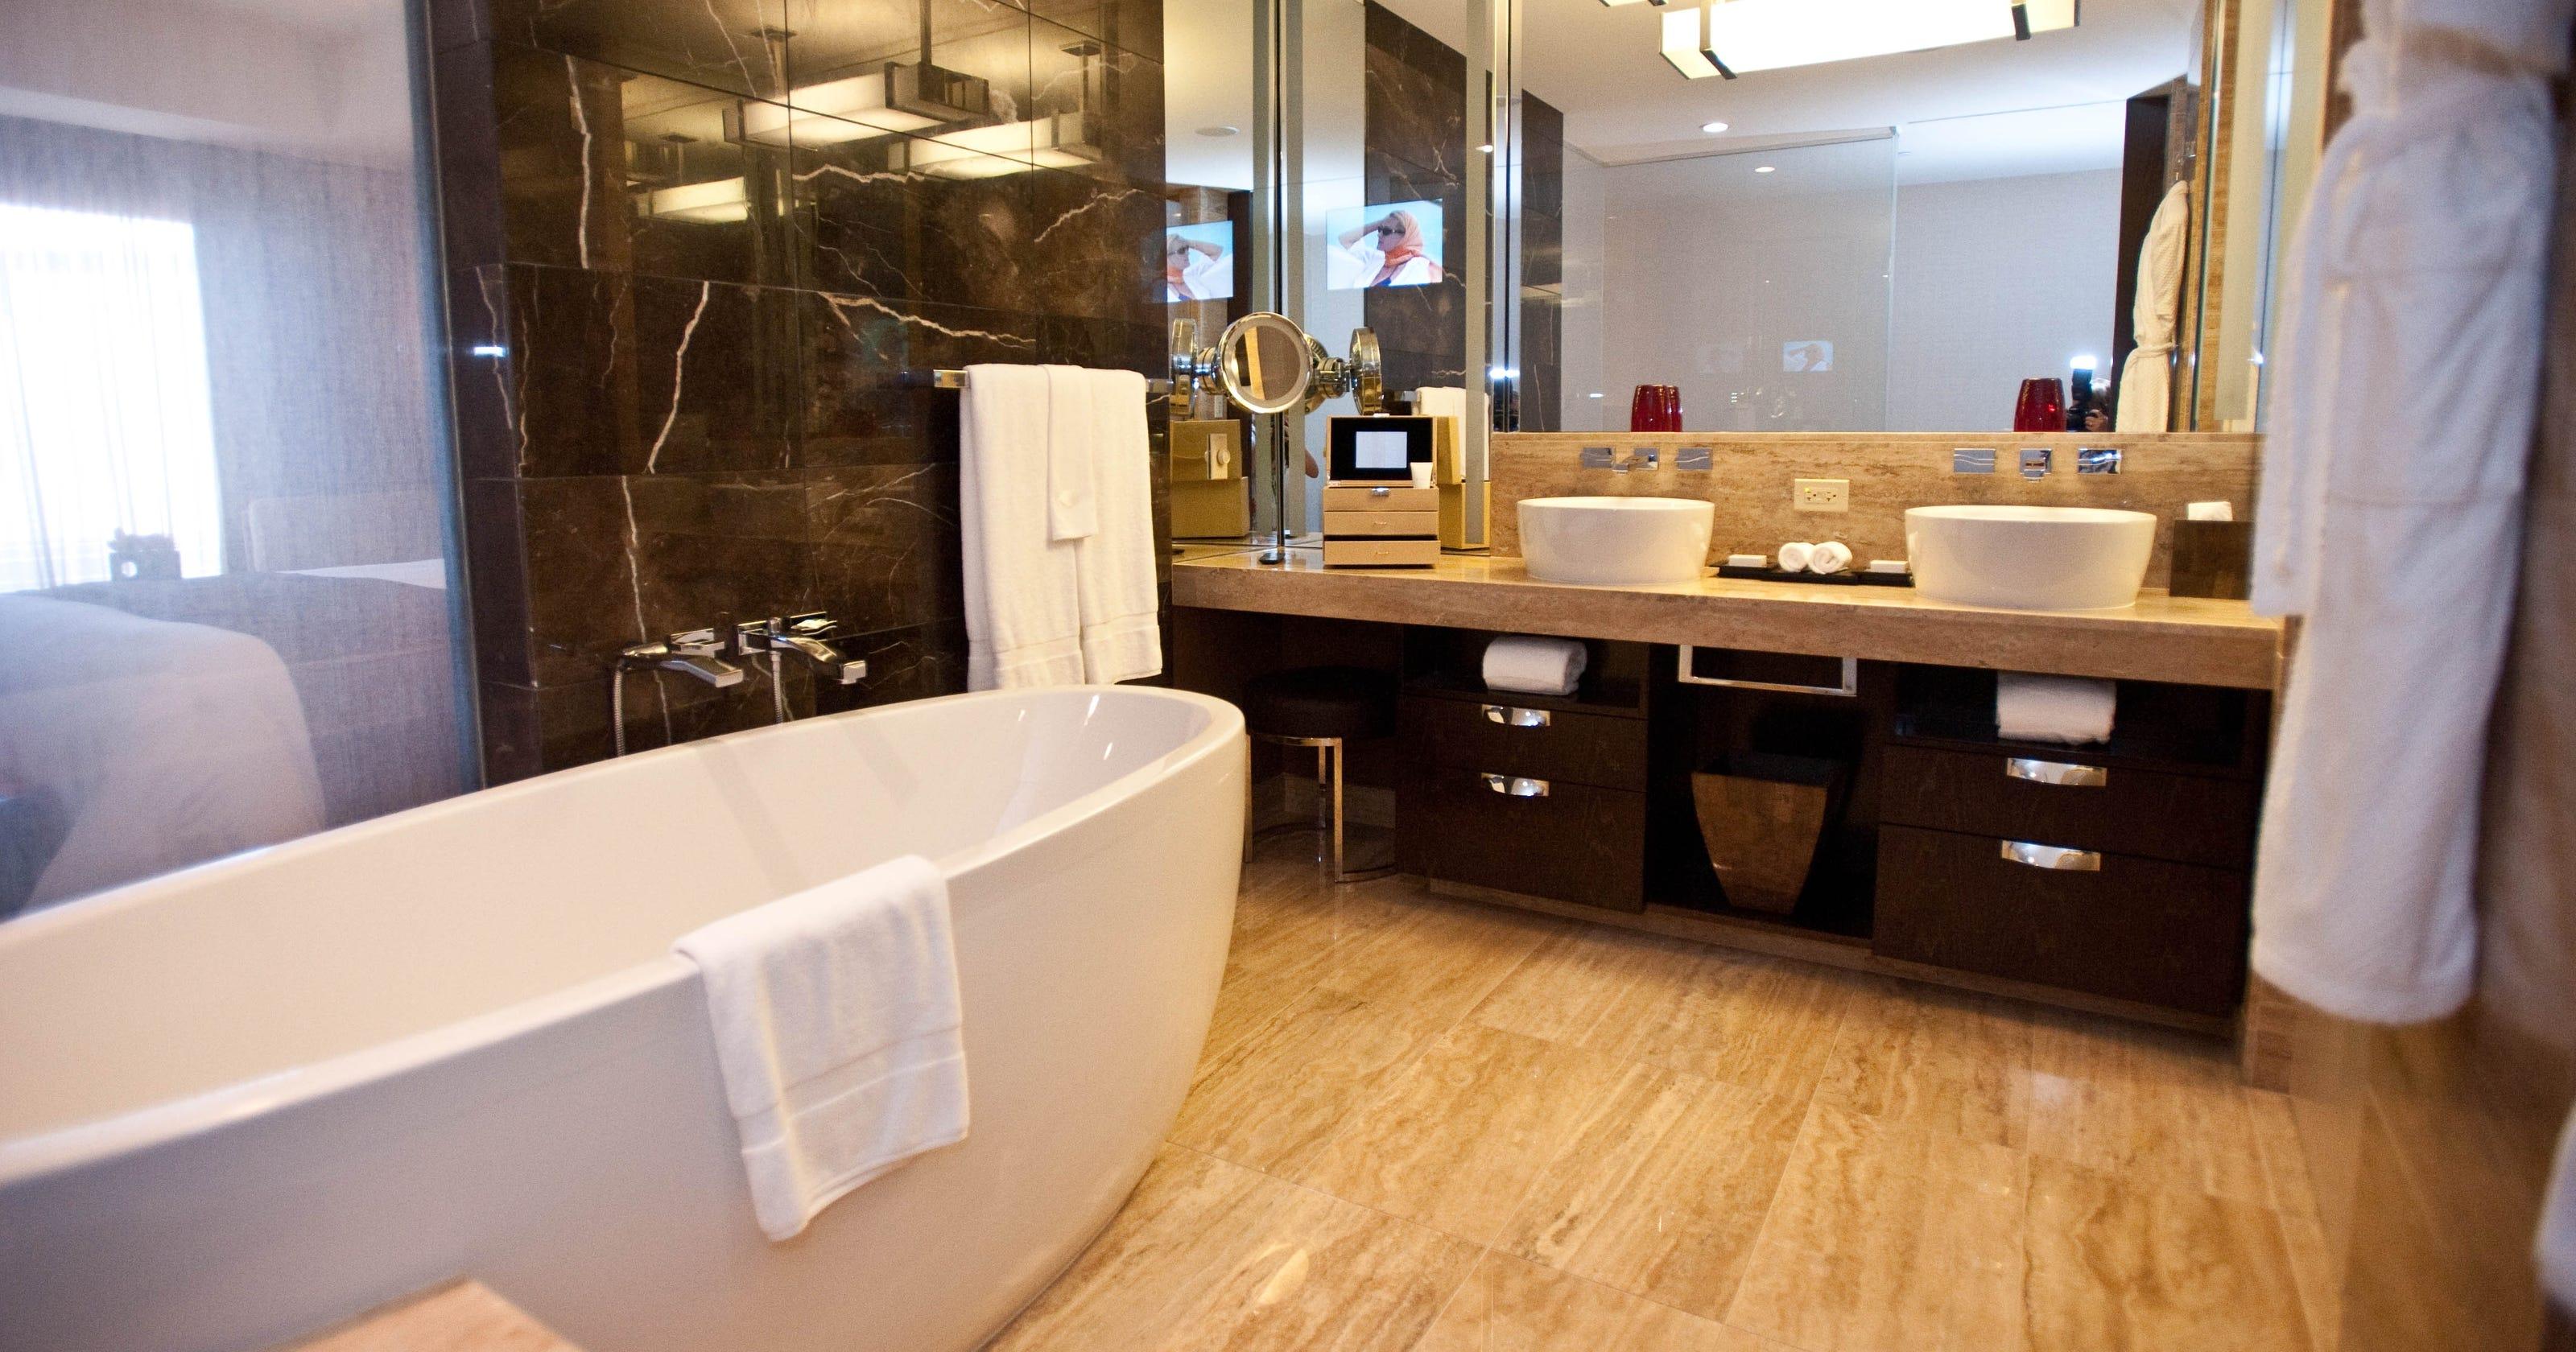 Люксовая ванная комната